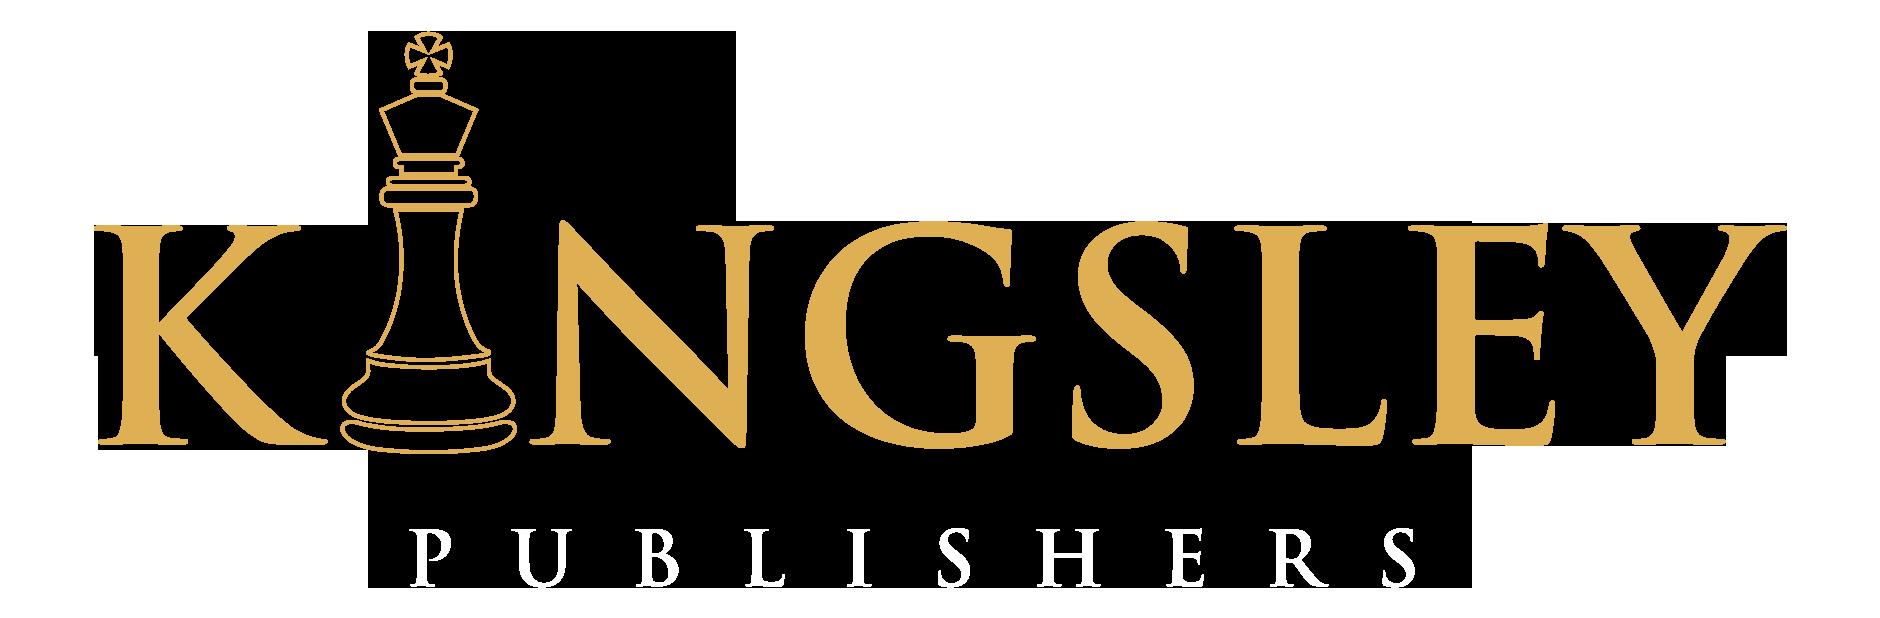 KingsleyPublishers-Retina